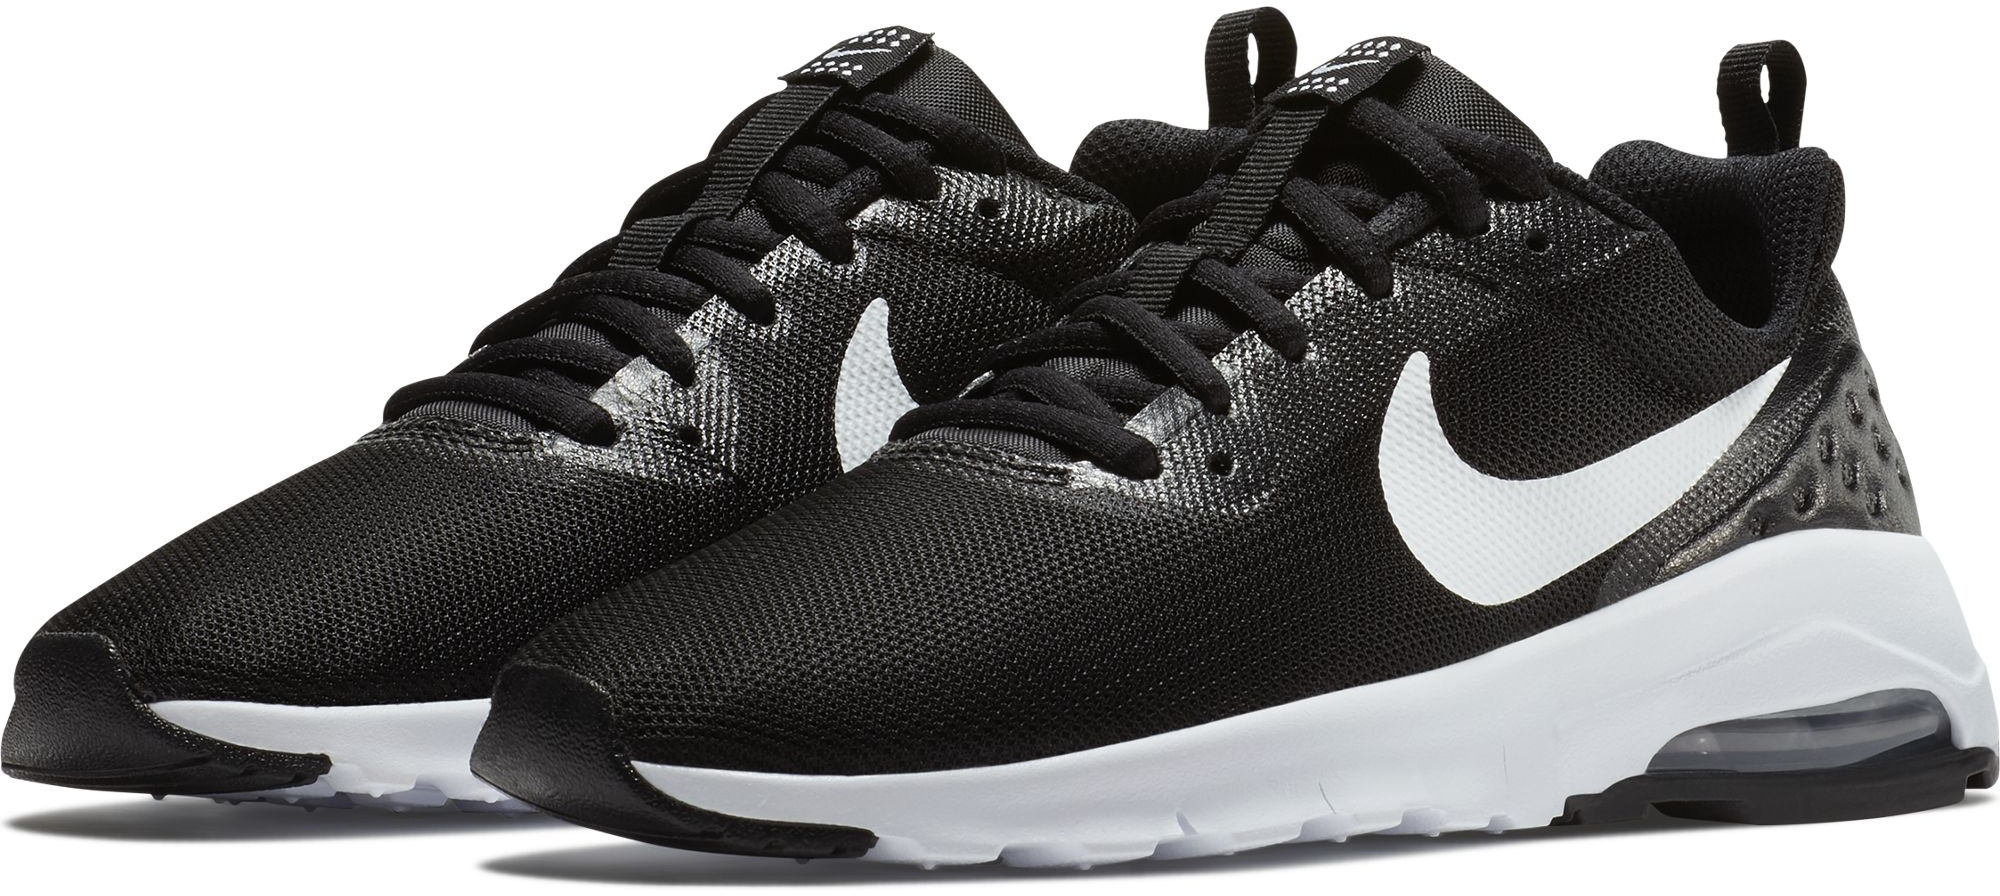 barato Nike Air MAX Motion LW (GS), Zapatillas para Niños